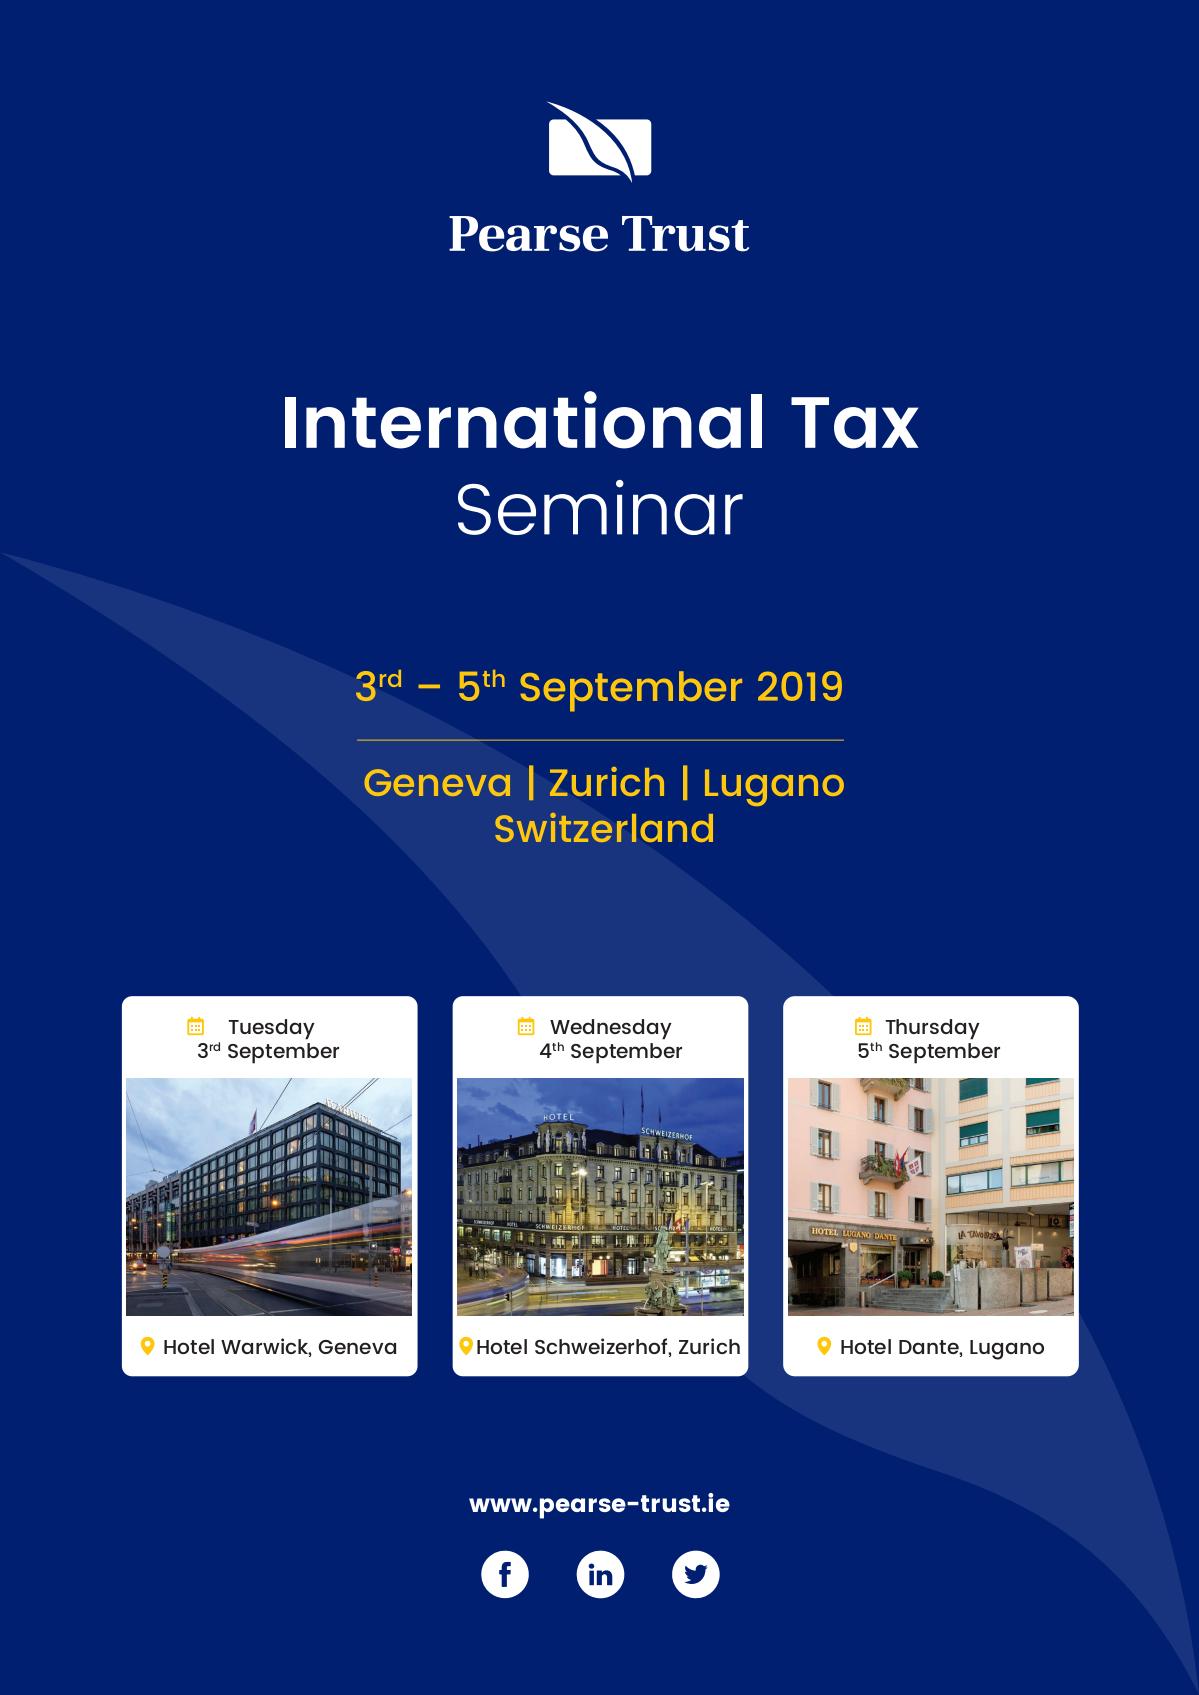 Pearse Trust International Tax Seminar Programme